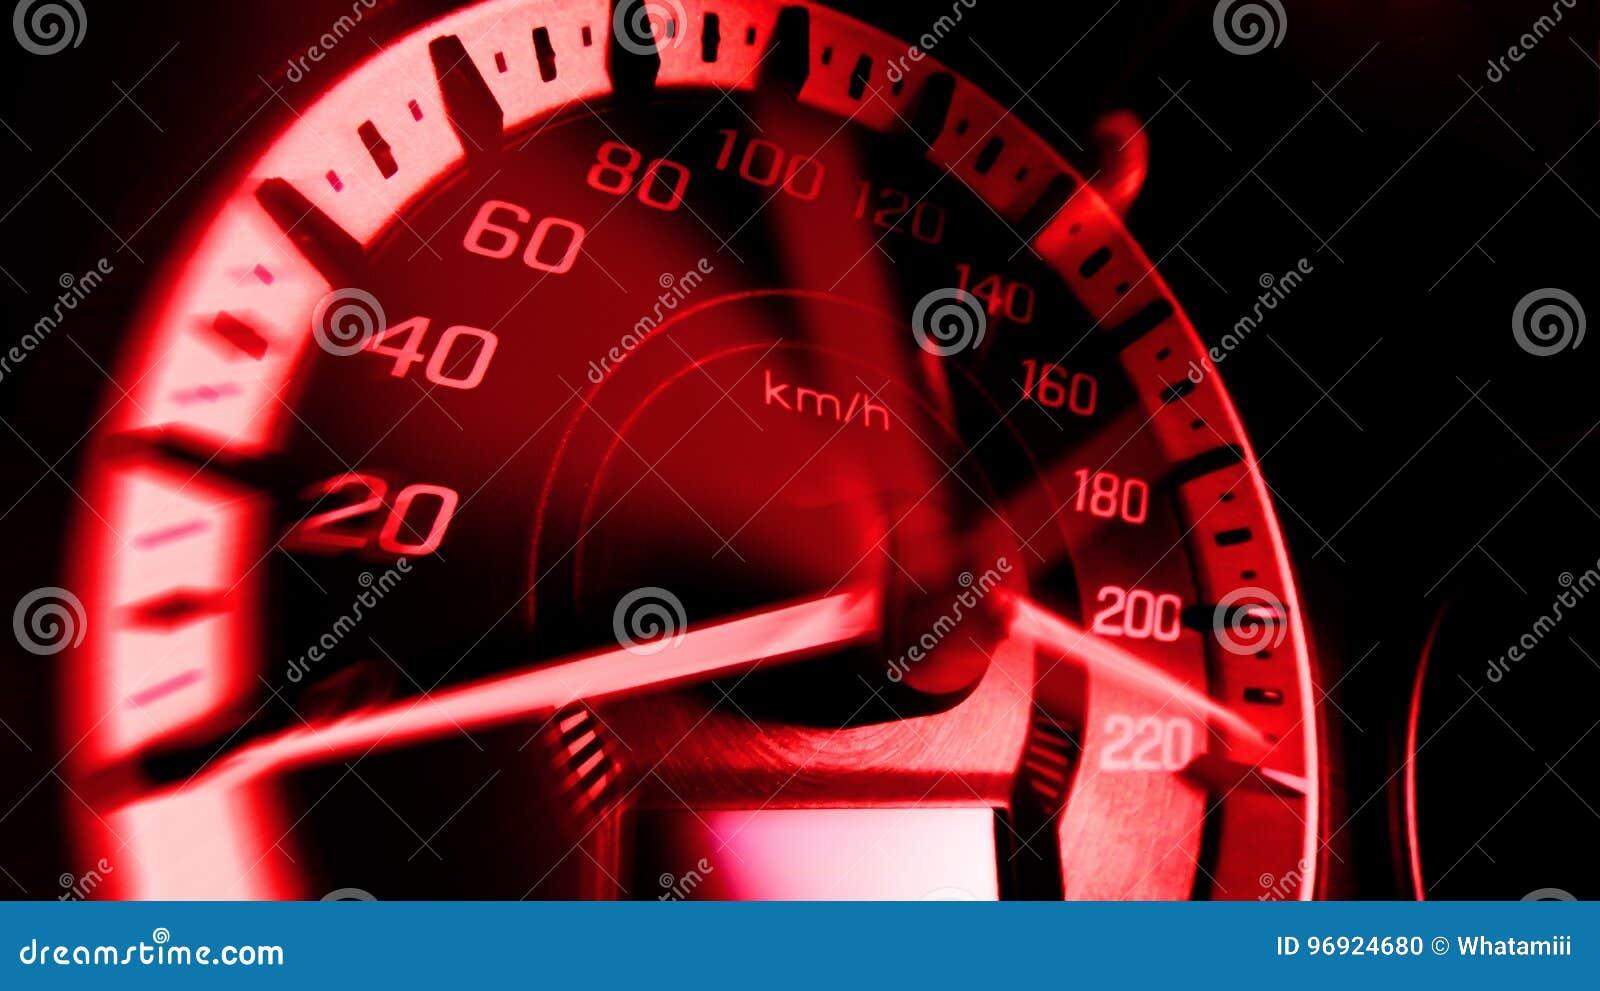 Lichtgeschwindigkeit in kmh